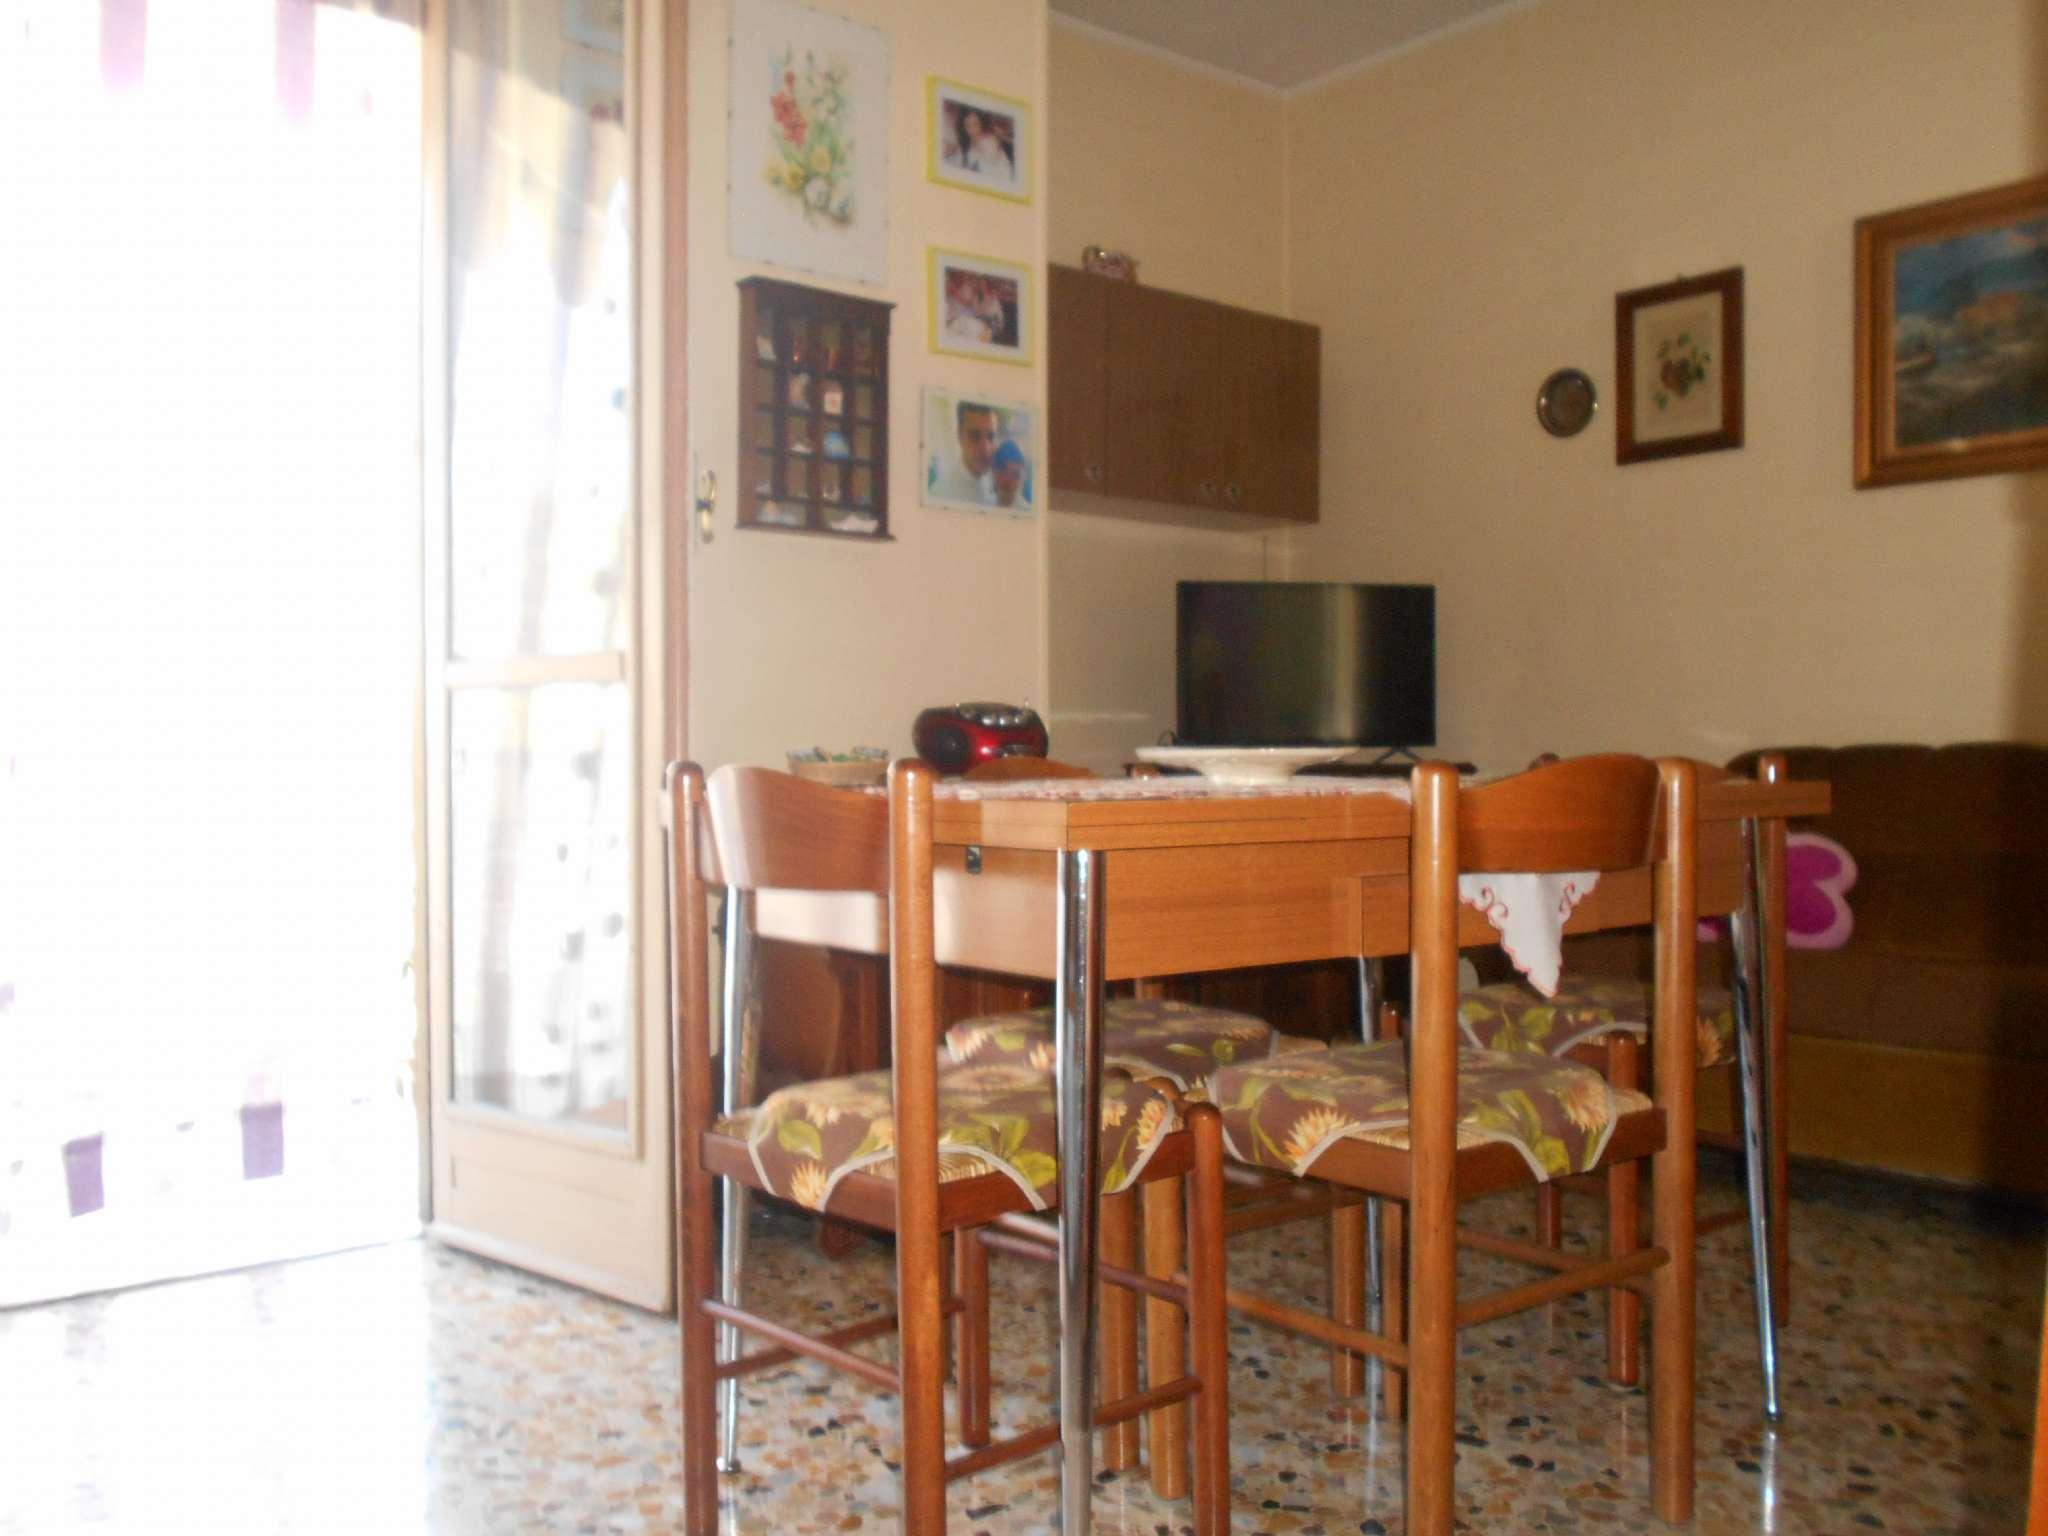 Borgaro Torinese Borgaro Torinese Vendita APPARTAMENTO >> alloggi in vendita, cercasi appartamenti a torino